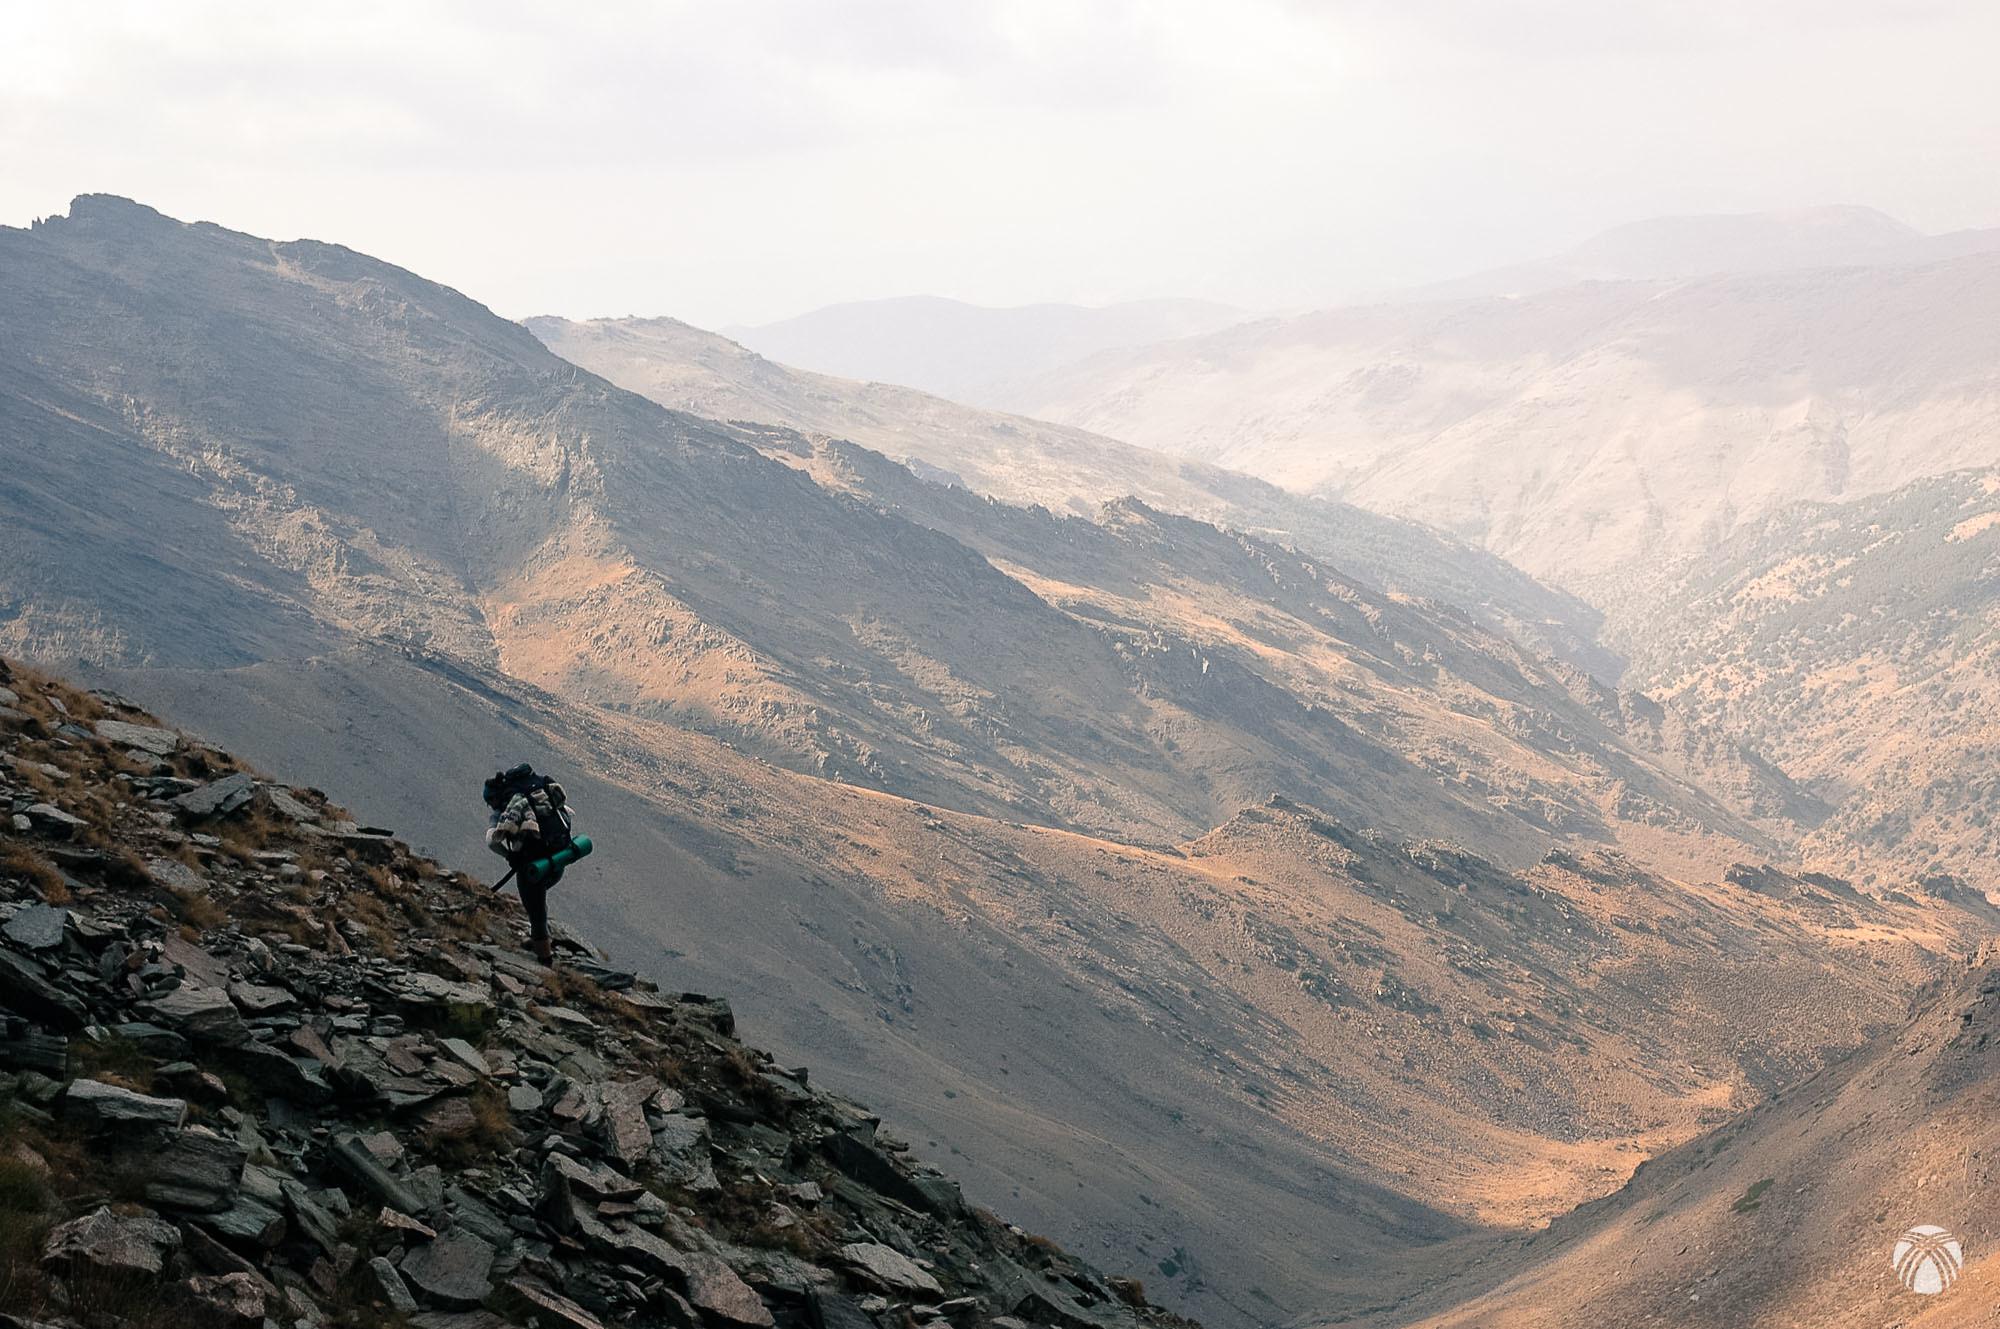 Todo el valle del río Genil se despliega bajo nuestros pies